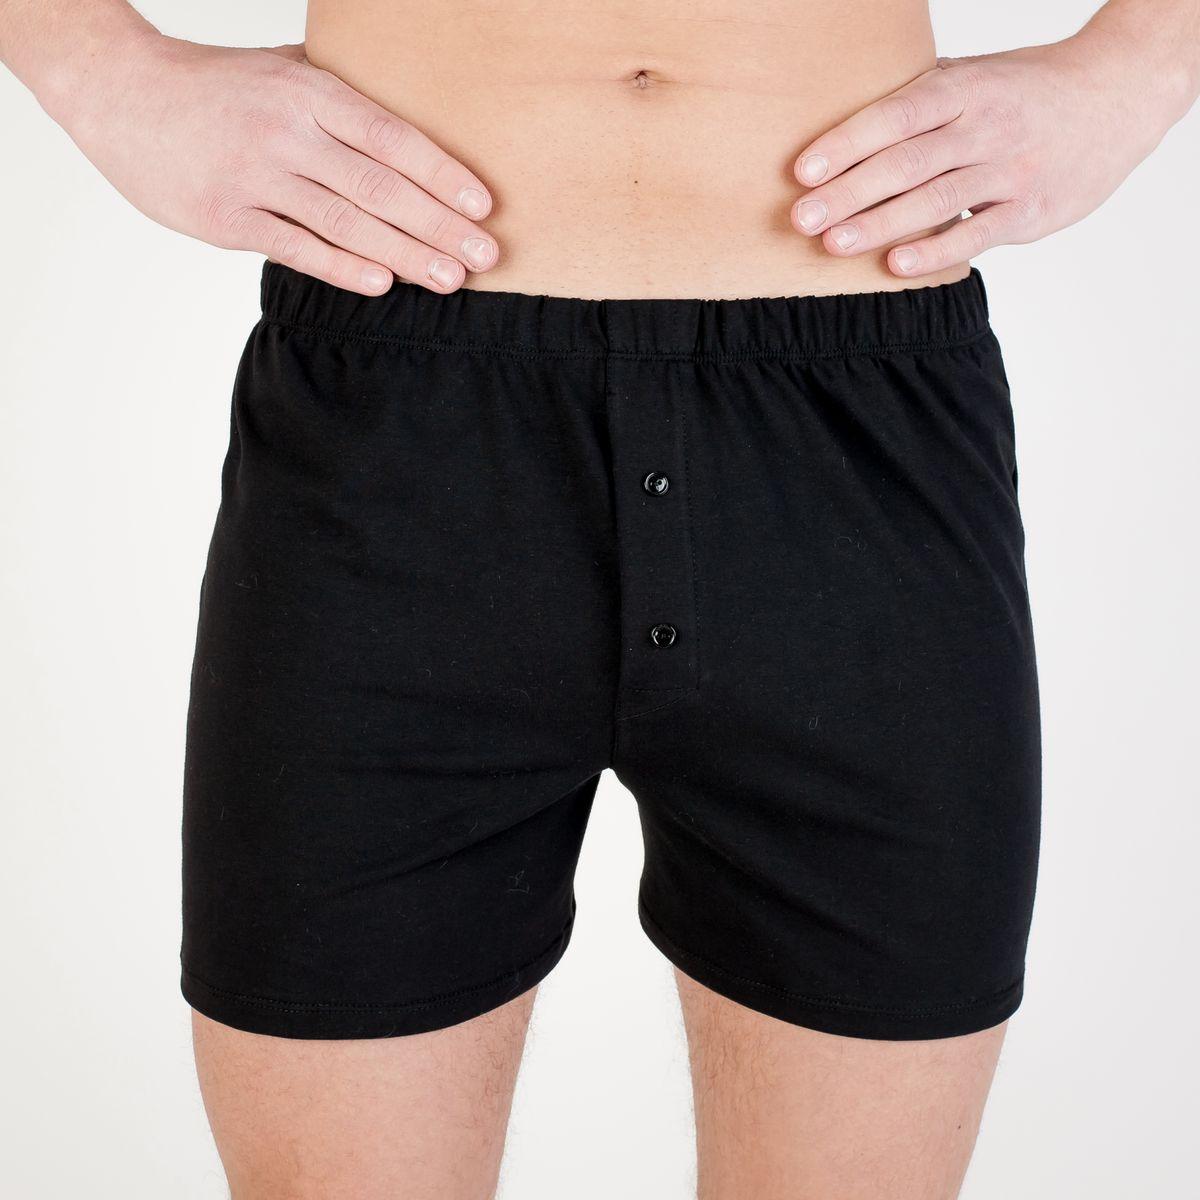 Трусы-шорты мужские Idilio, цвет: черный. THM03. Размер XL (52) jhengyuanxiang мужские трусы средняя посадка хлоковая воздухопроницаемая одежда